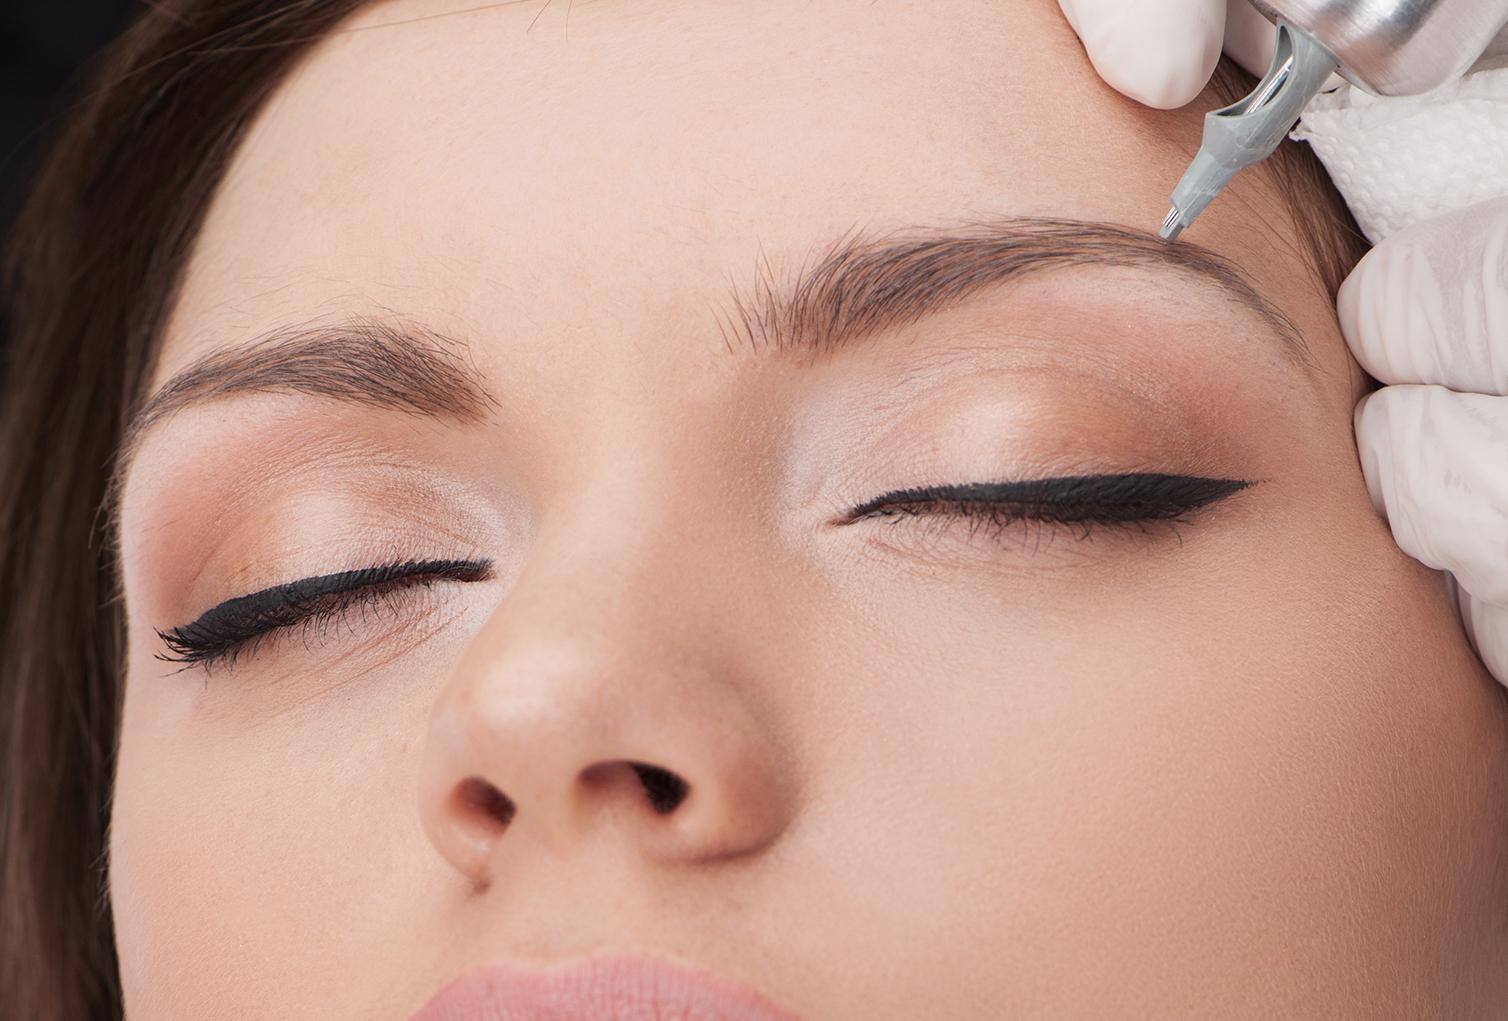 Maquillaje Permanente - Es una de las técnicas más antiguas en el campo de la micropigmentación. Se utiliza un instrumento llamado dermógrafo el cual deposita color entre la primera y segunda capa de piel, dando la impresión de una ceja definida y maquillada.Después del tatuaje, esta técnica es la más duradera que existe. Es excelente para personas alérgicas al maquillaje, personas con piel grasa o con sudoración excesiva, personas sin vellos y/o personas no diestras en maquillaje.No es necesario rasurar la ceja para realizar este procedimiento.Costo: $400.00